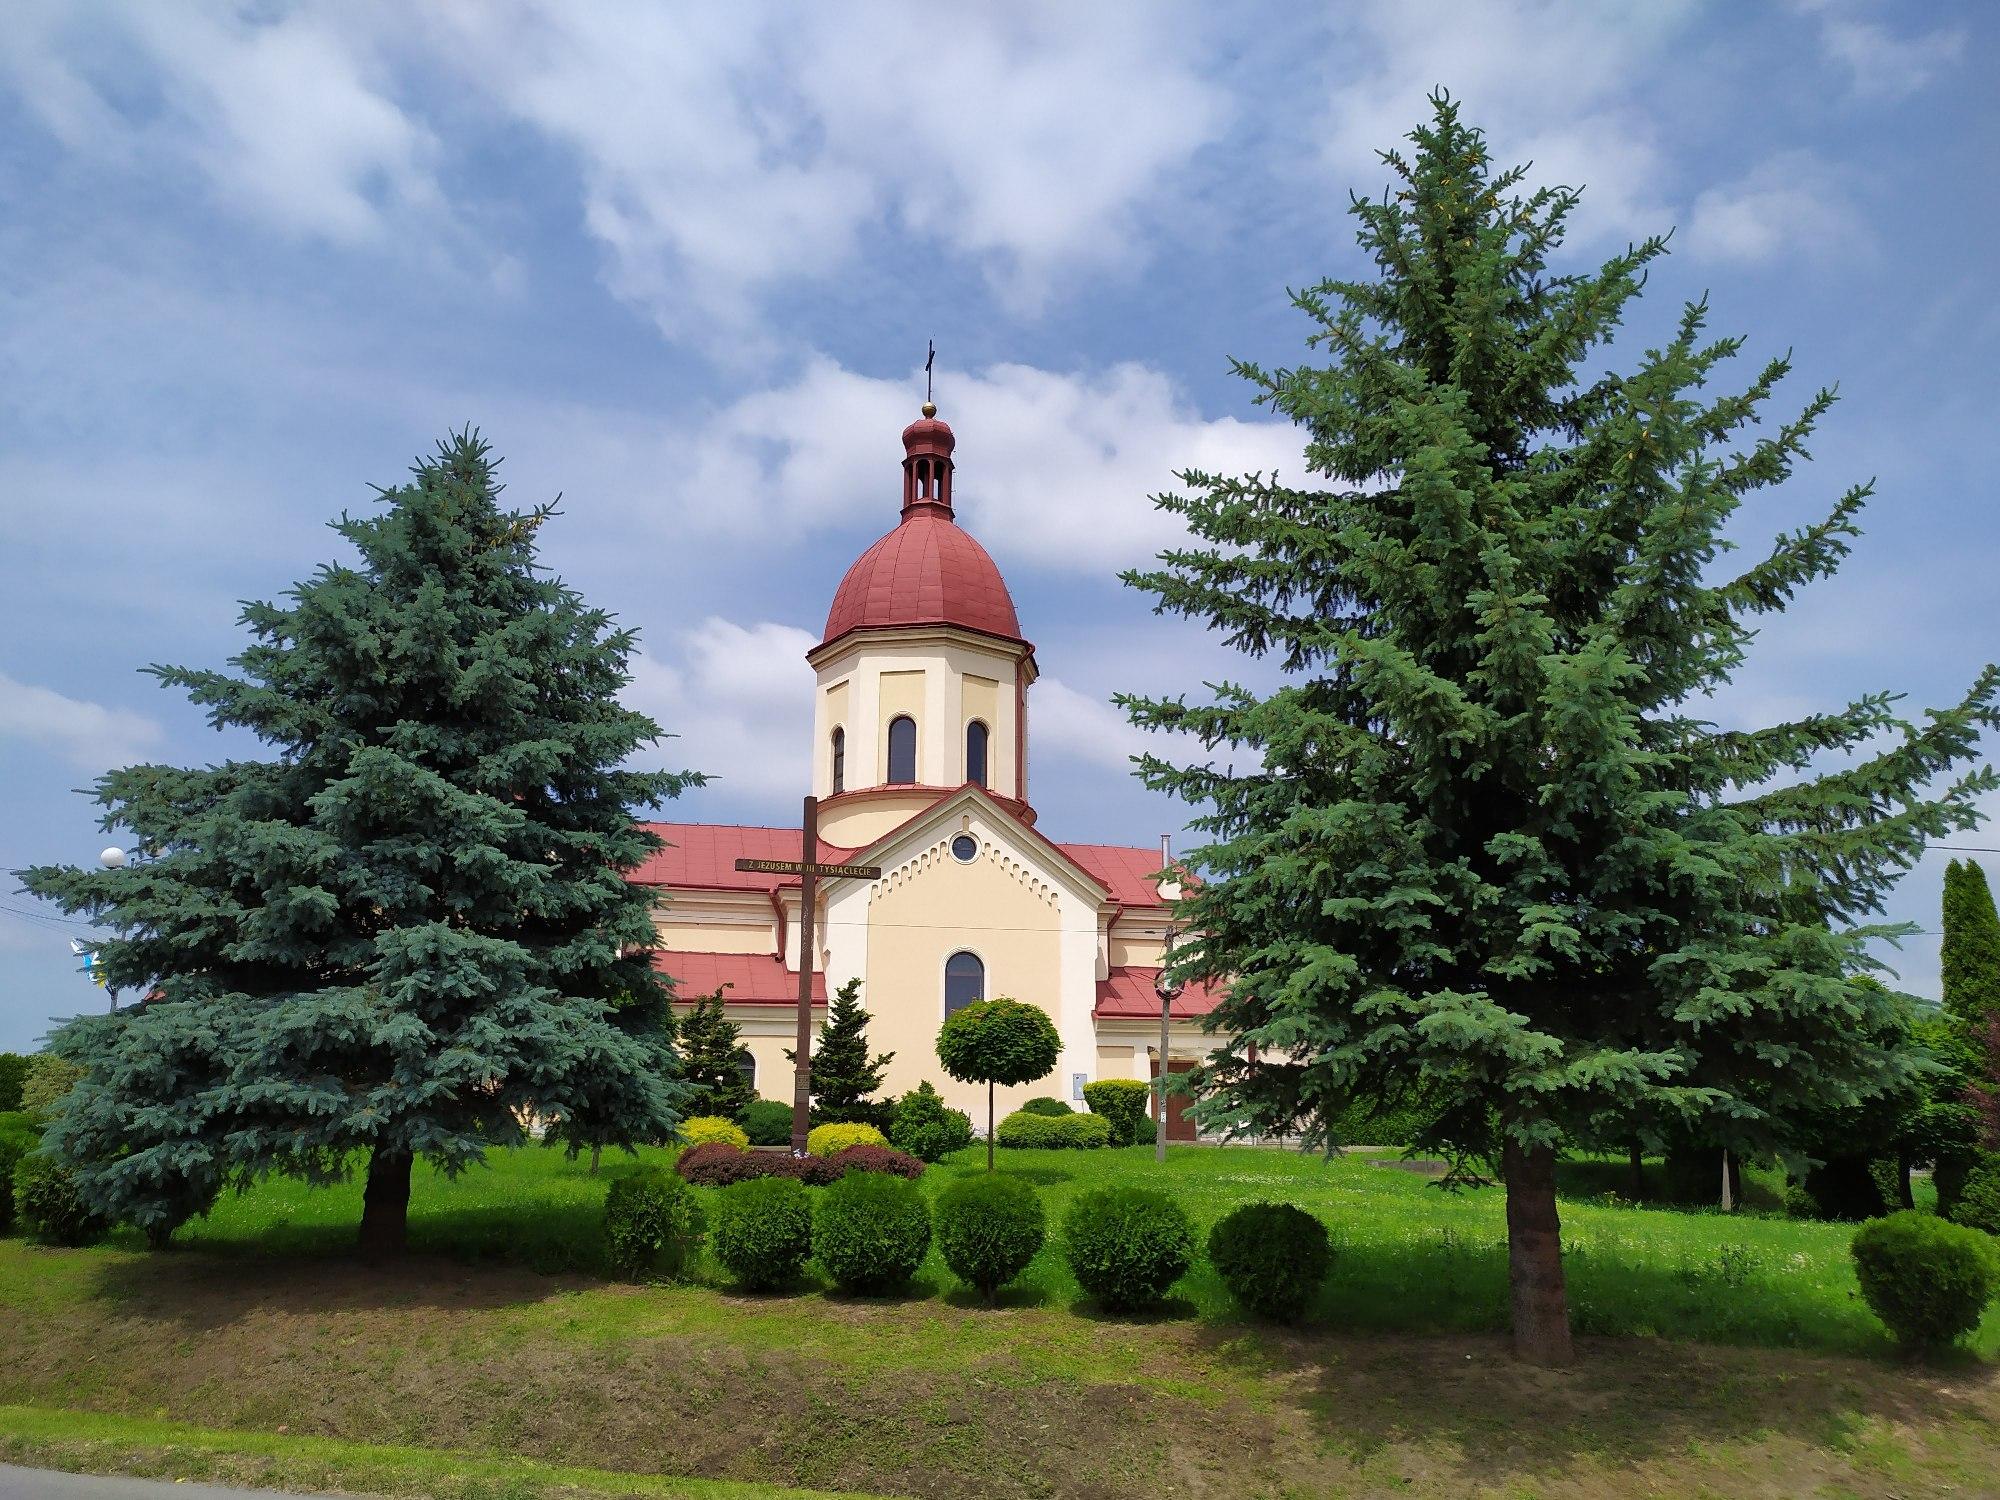 Kościół i Krzyż Misyjny